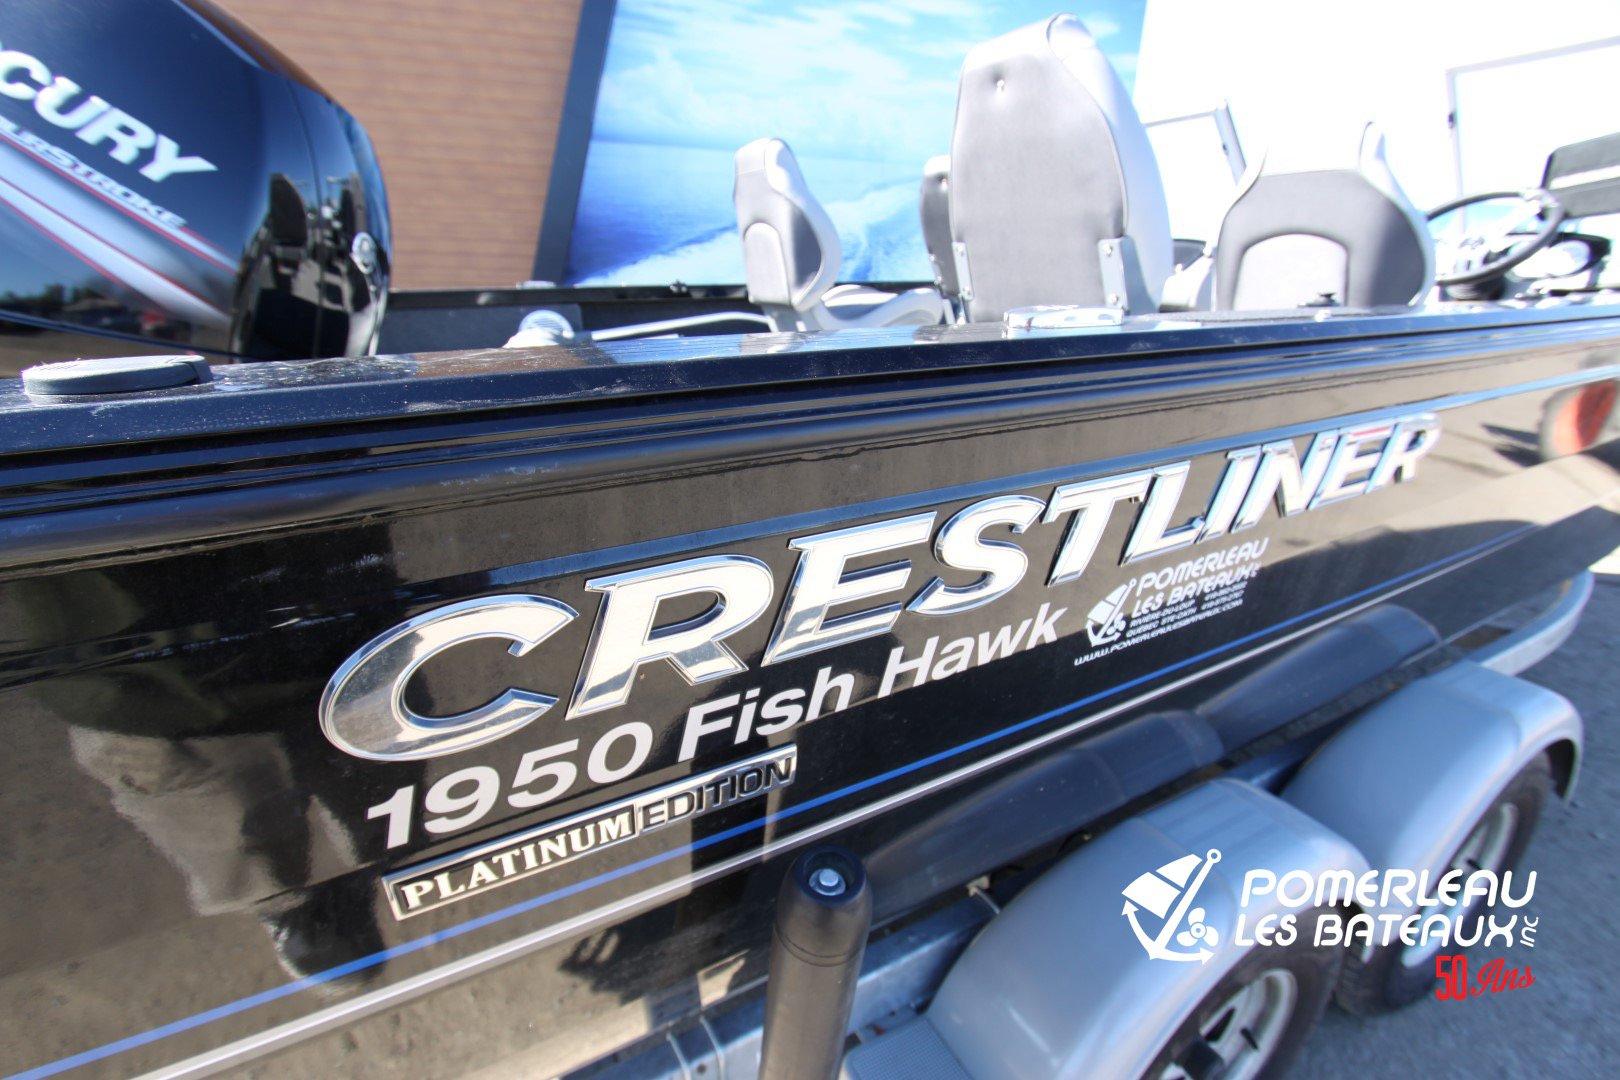 Crestliner Fish hawk 1950 Platinum WT - IMG_5708